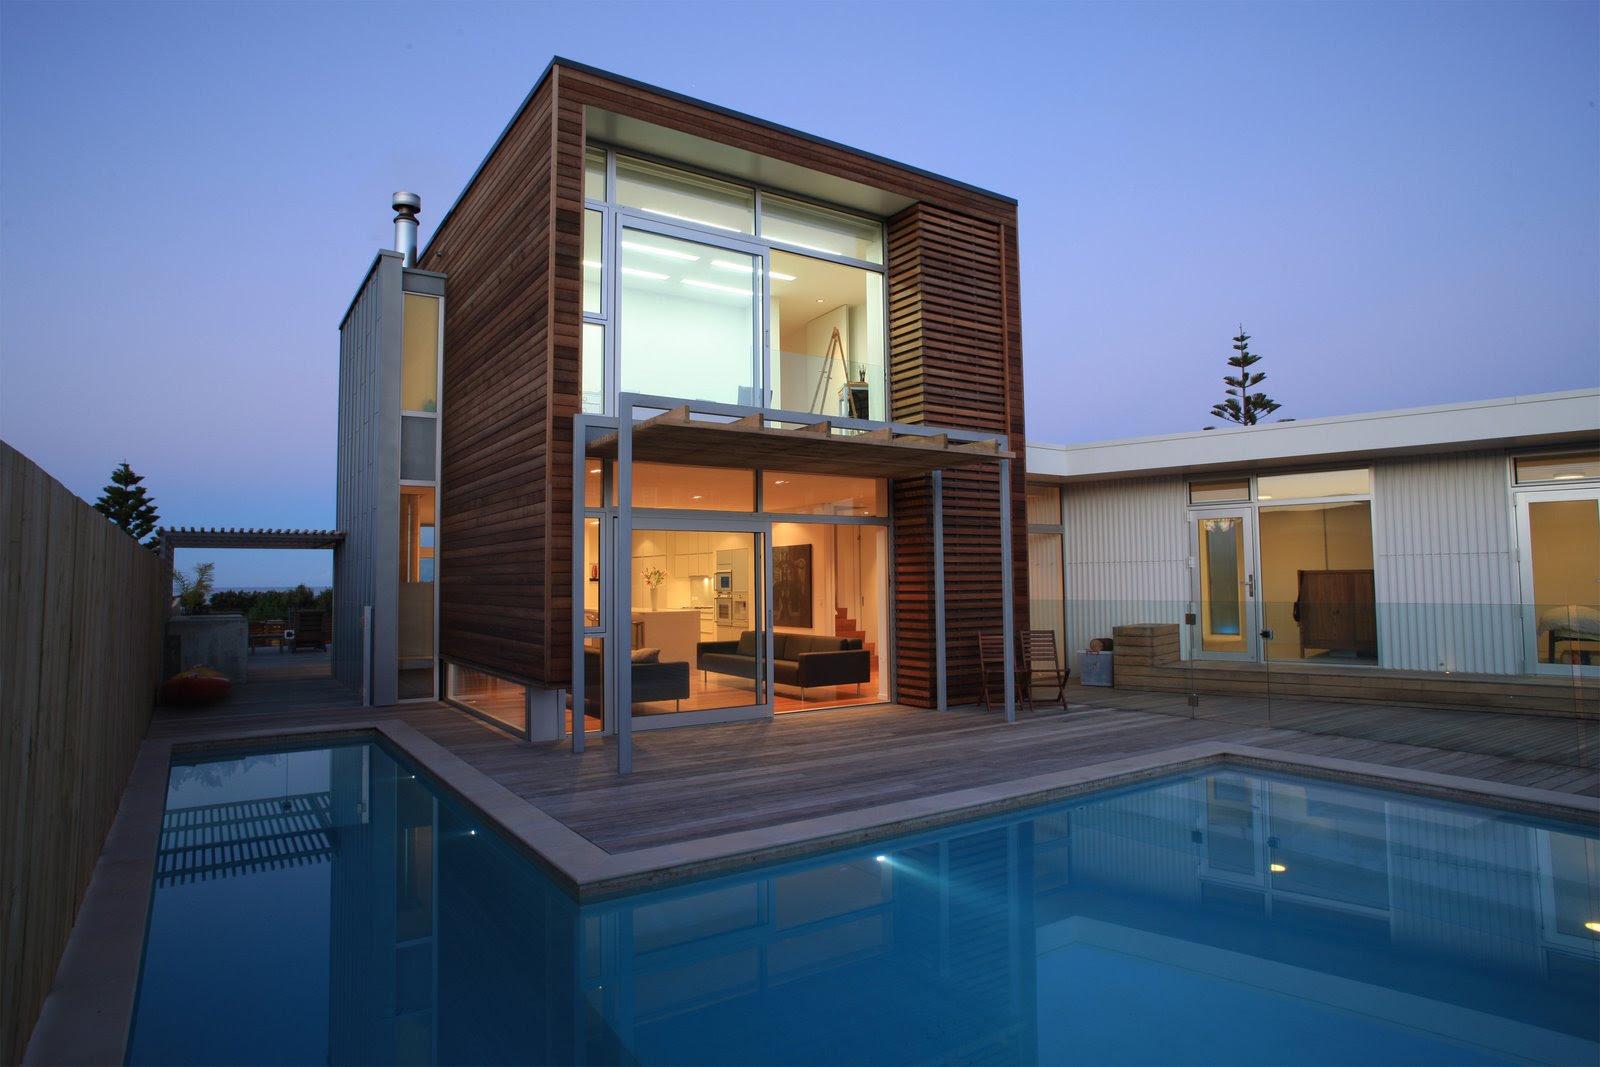 Hausratversicherungkosten Best Ideas Excellent Architecture Home Modern House Design Collection 6528